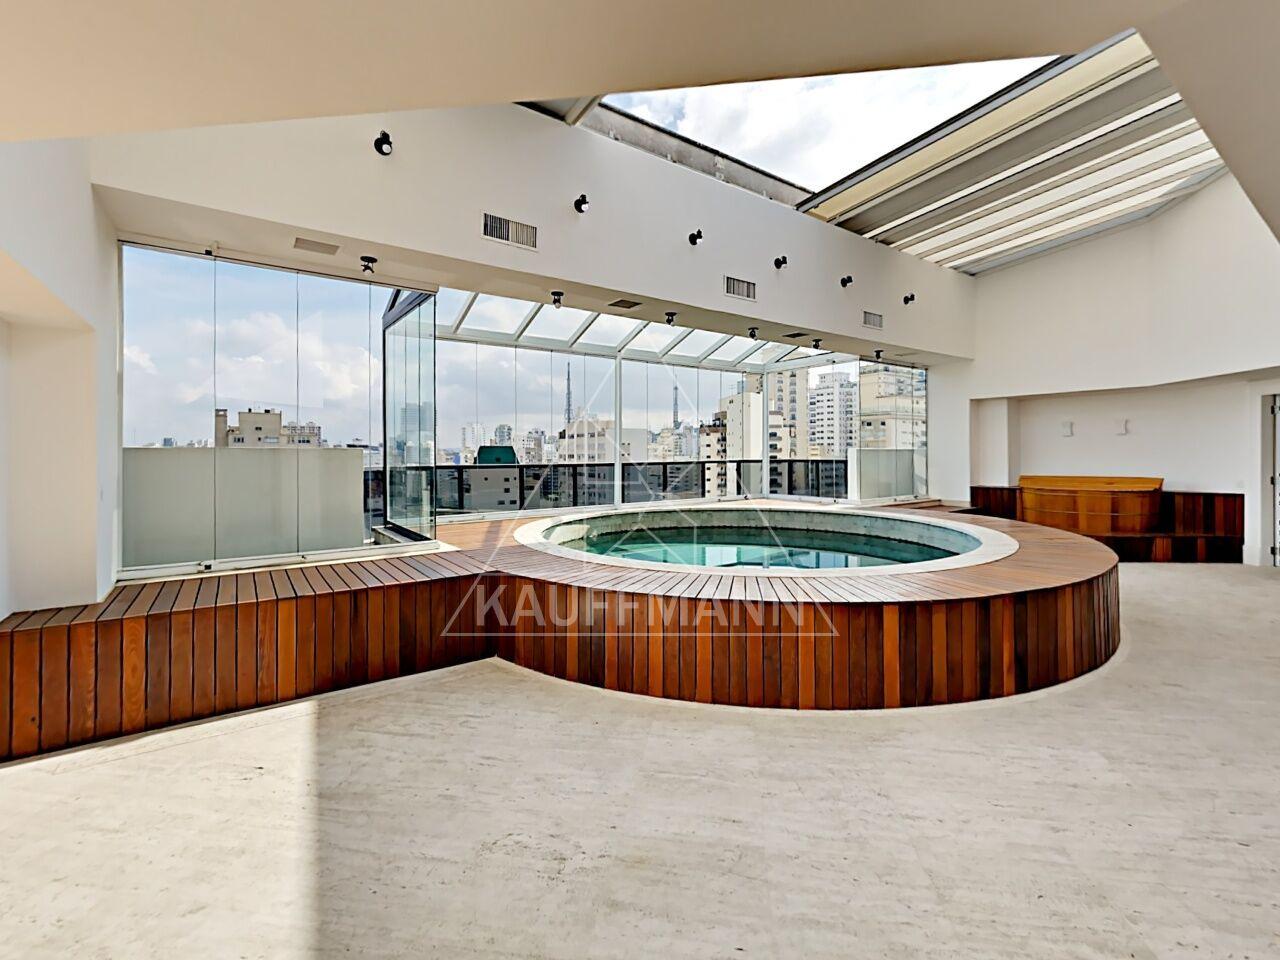 apartamento-venda-sao-paulo-jardim-america-regency-6dormitorios-6suites-7vagas-1099m2-Foto4